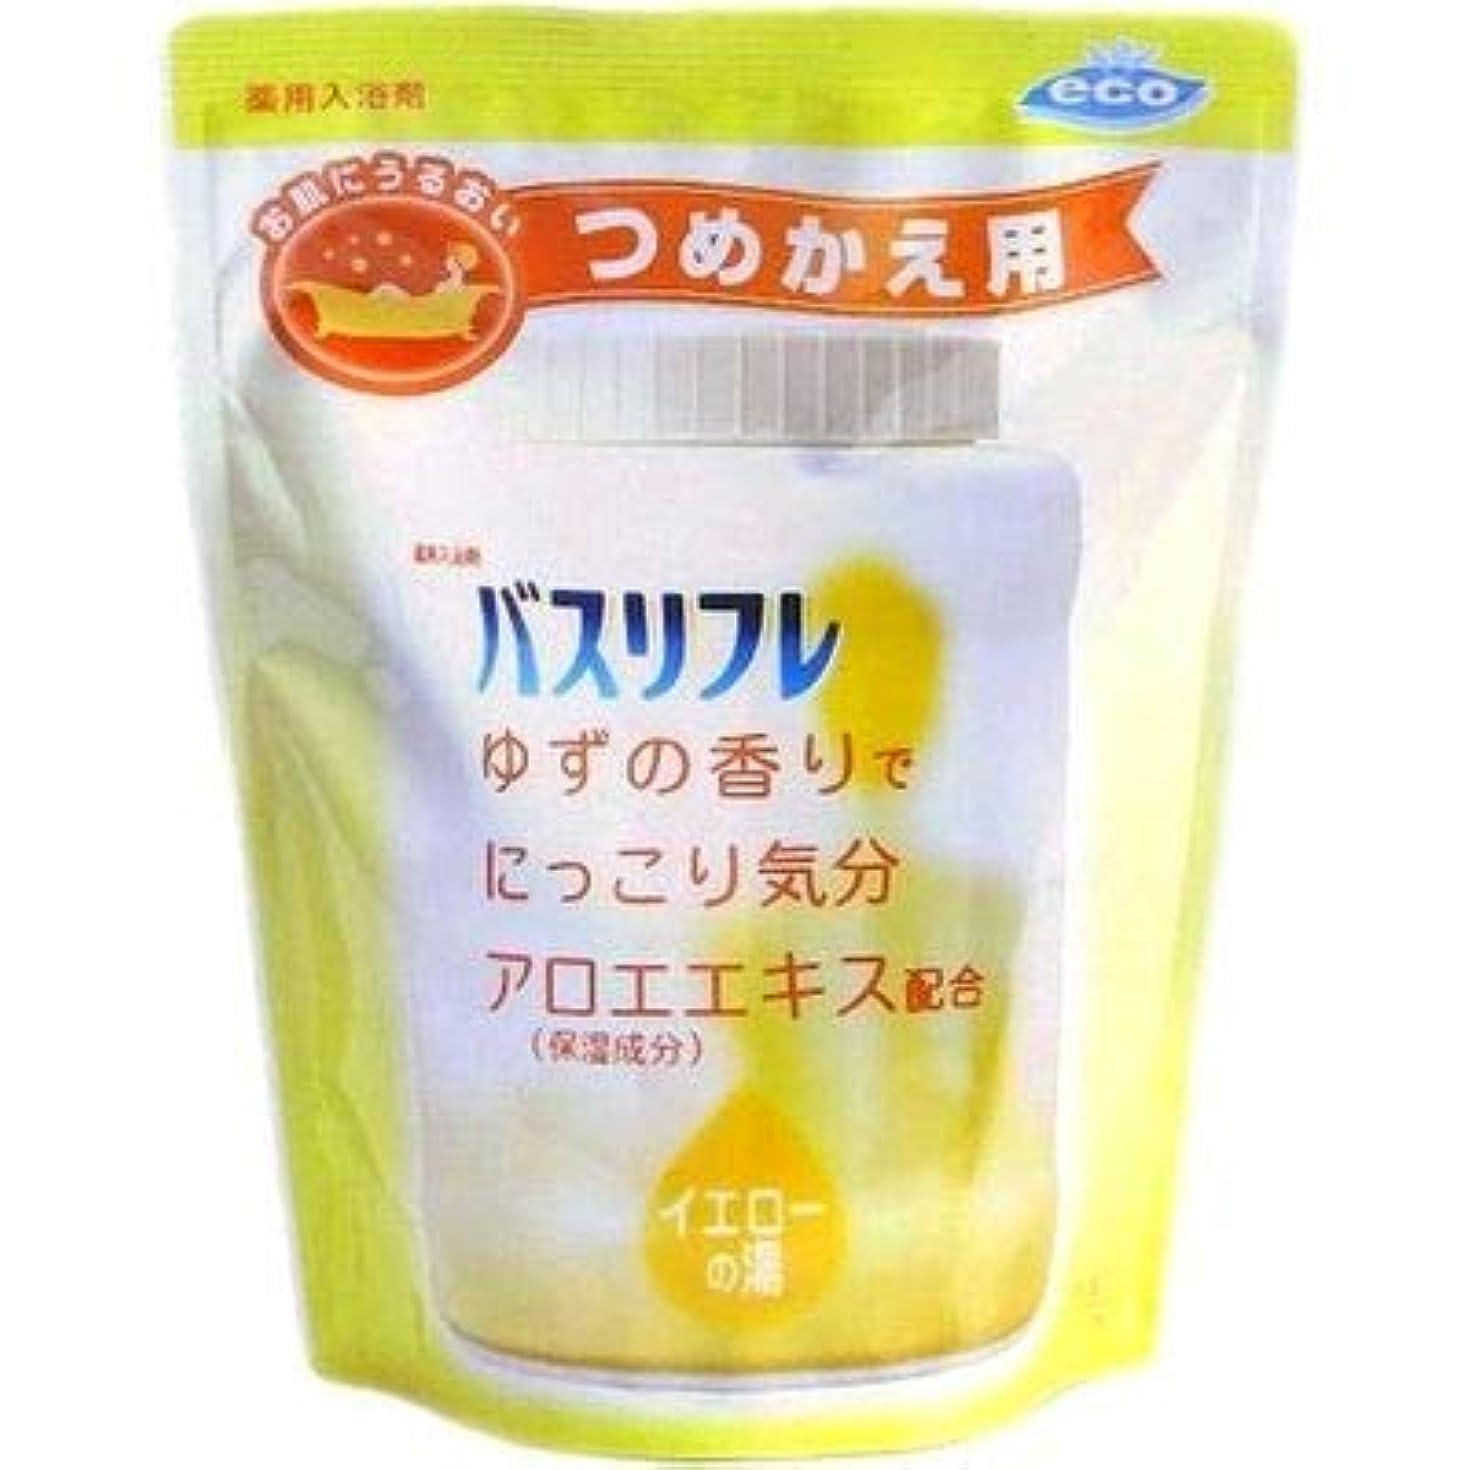 毒大統領するライオンケミカル バスリフレ 薬用入浴剤 ゆずの香り つめかえ用 540g 4900480080102